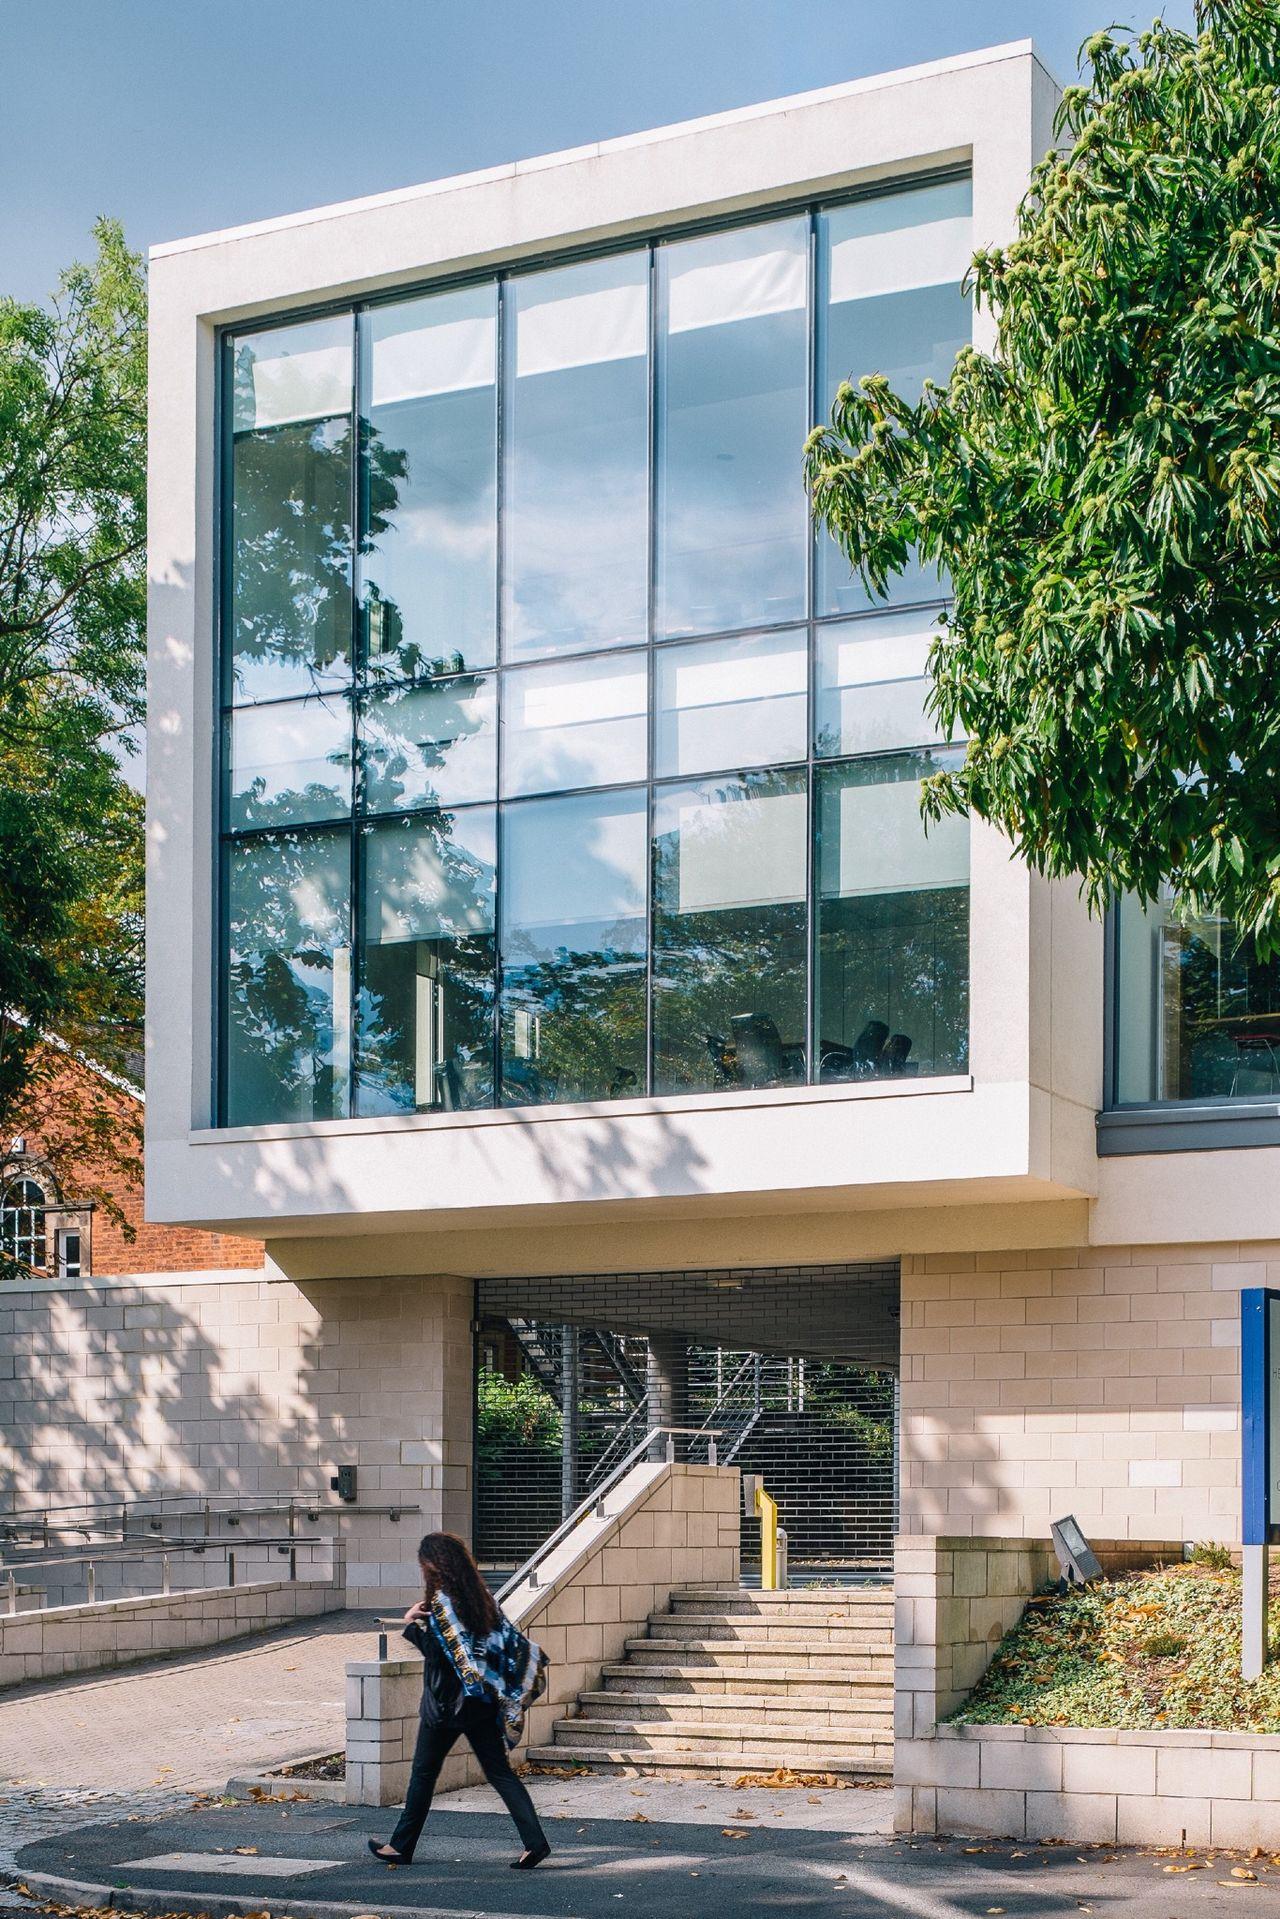 Architecture Building VSCO Urban